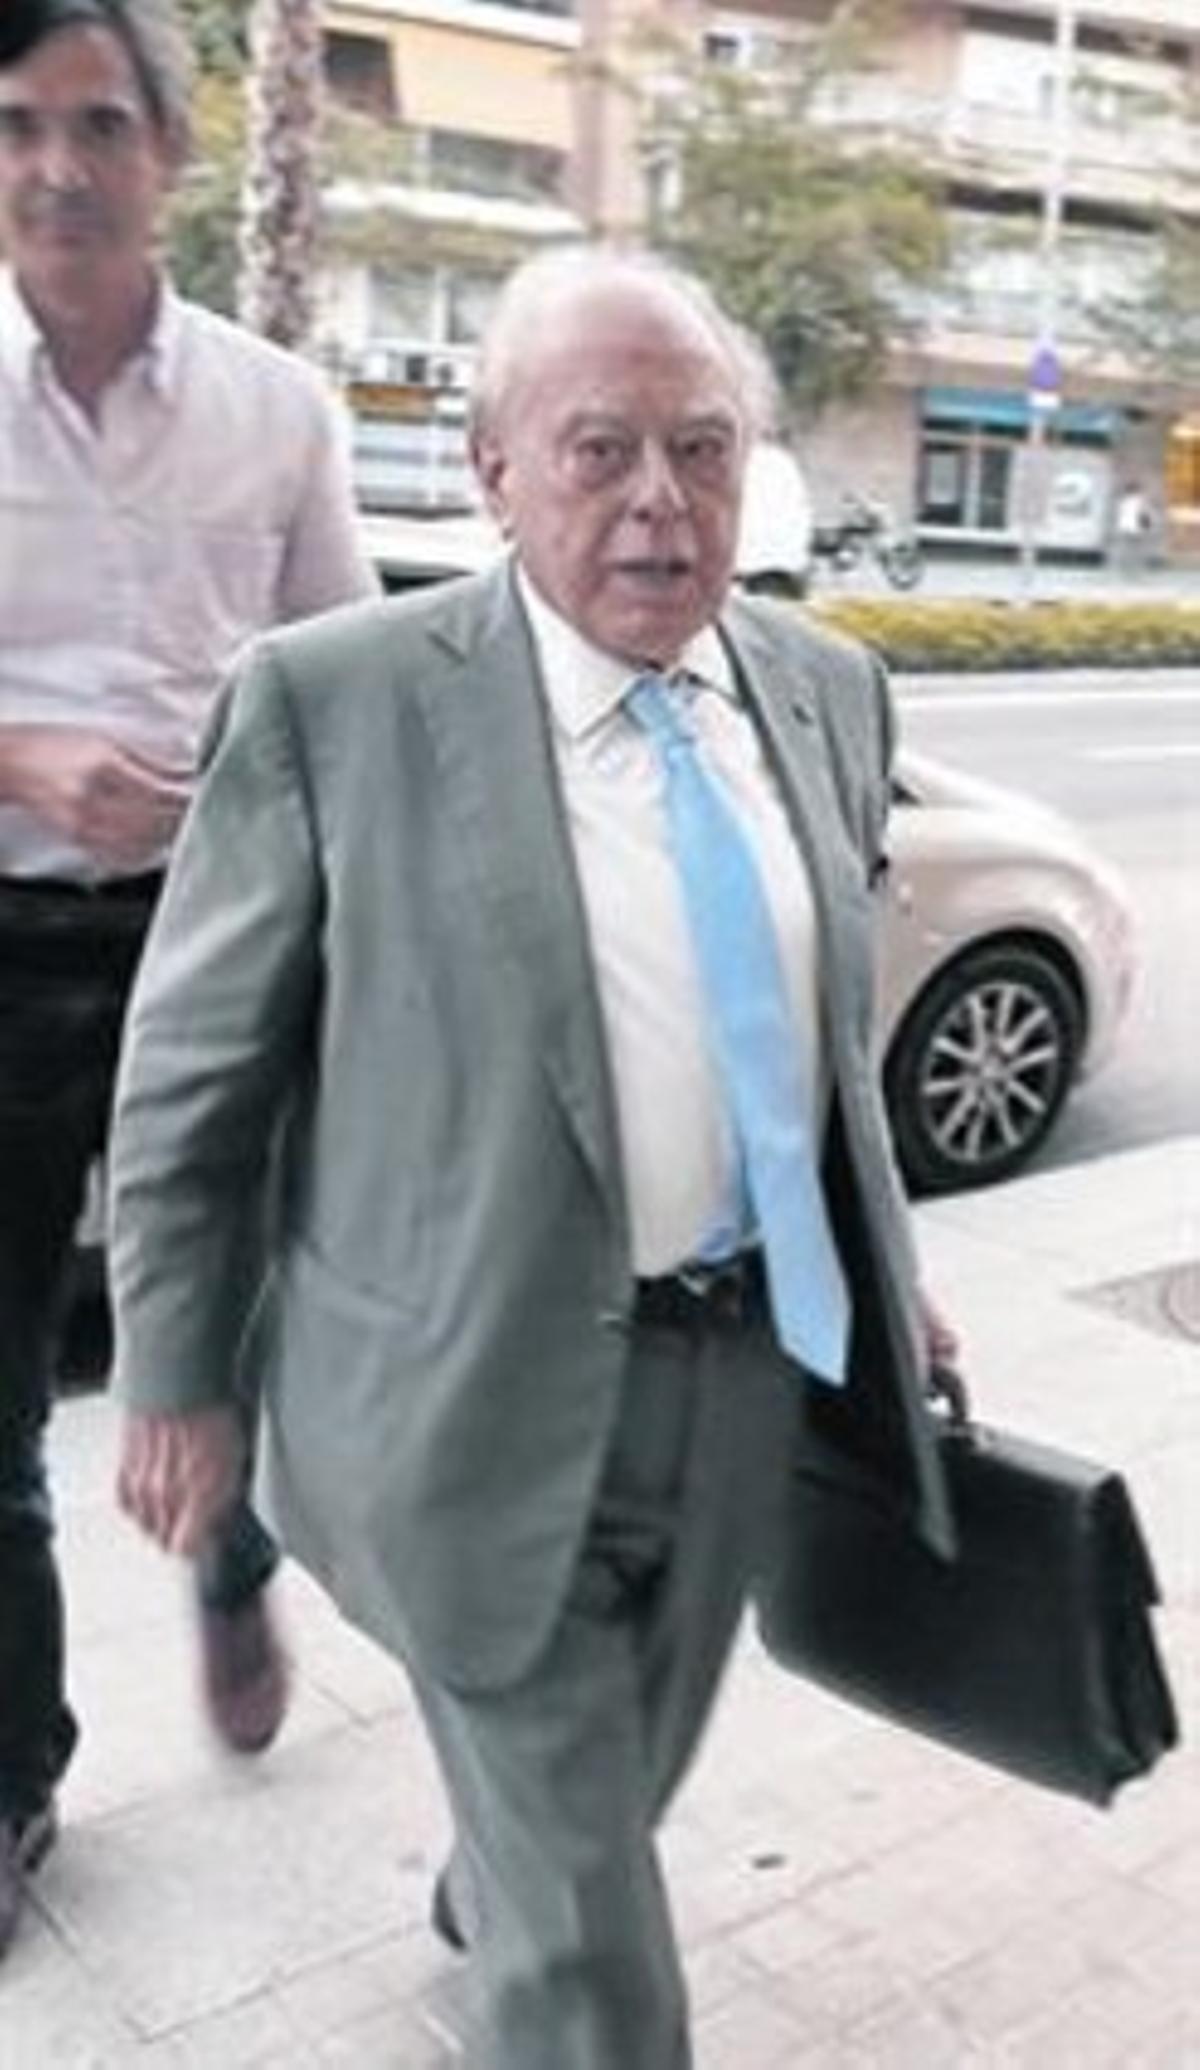 Jordi Pujol Soley, entrando en su casa en Barcelona, en septiembre.